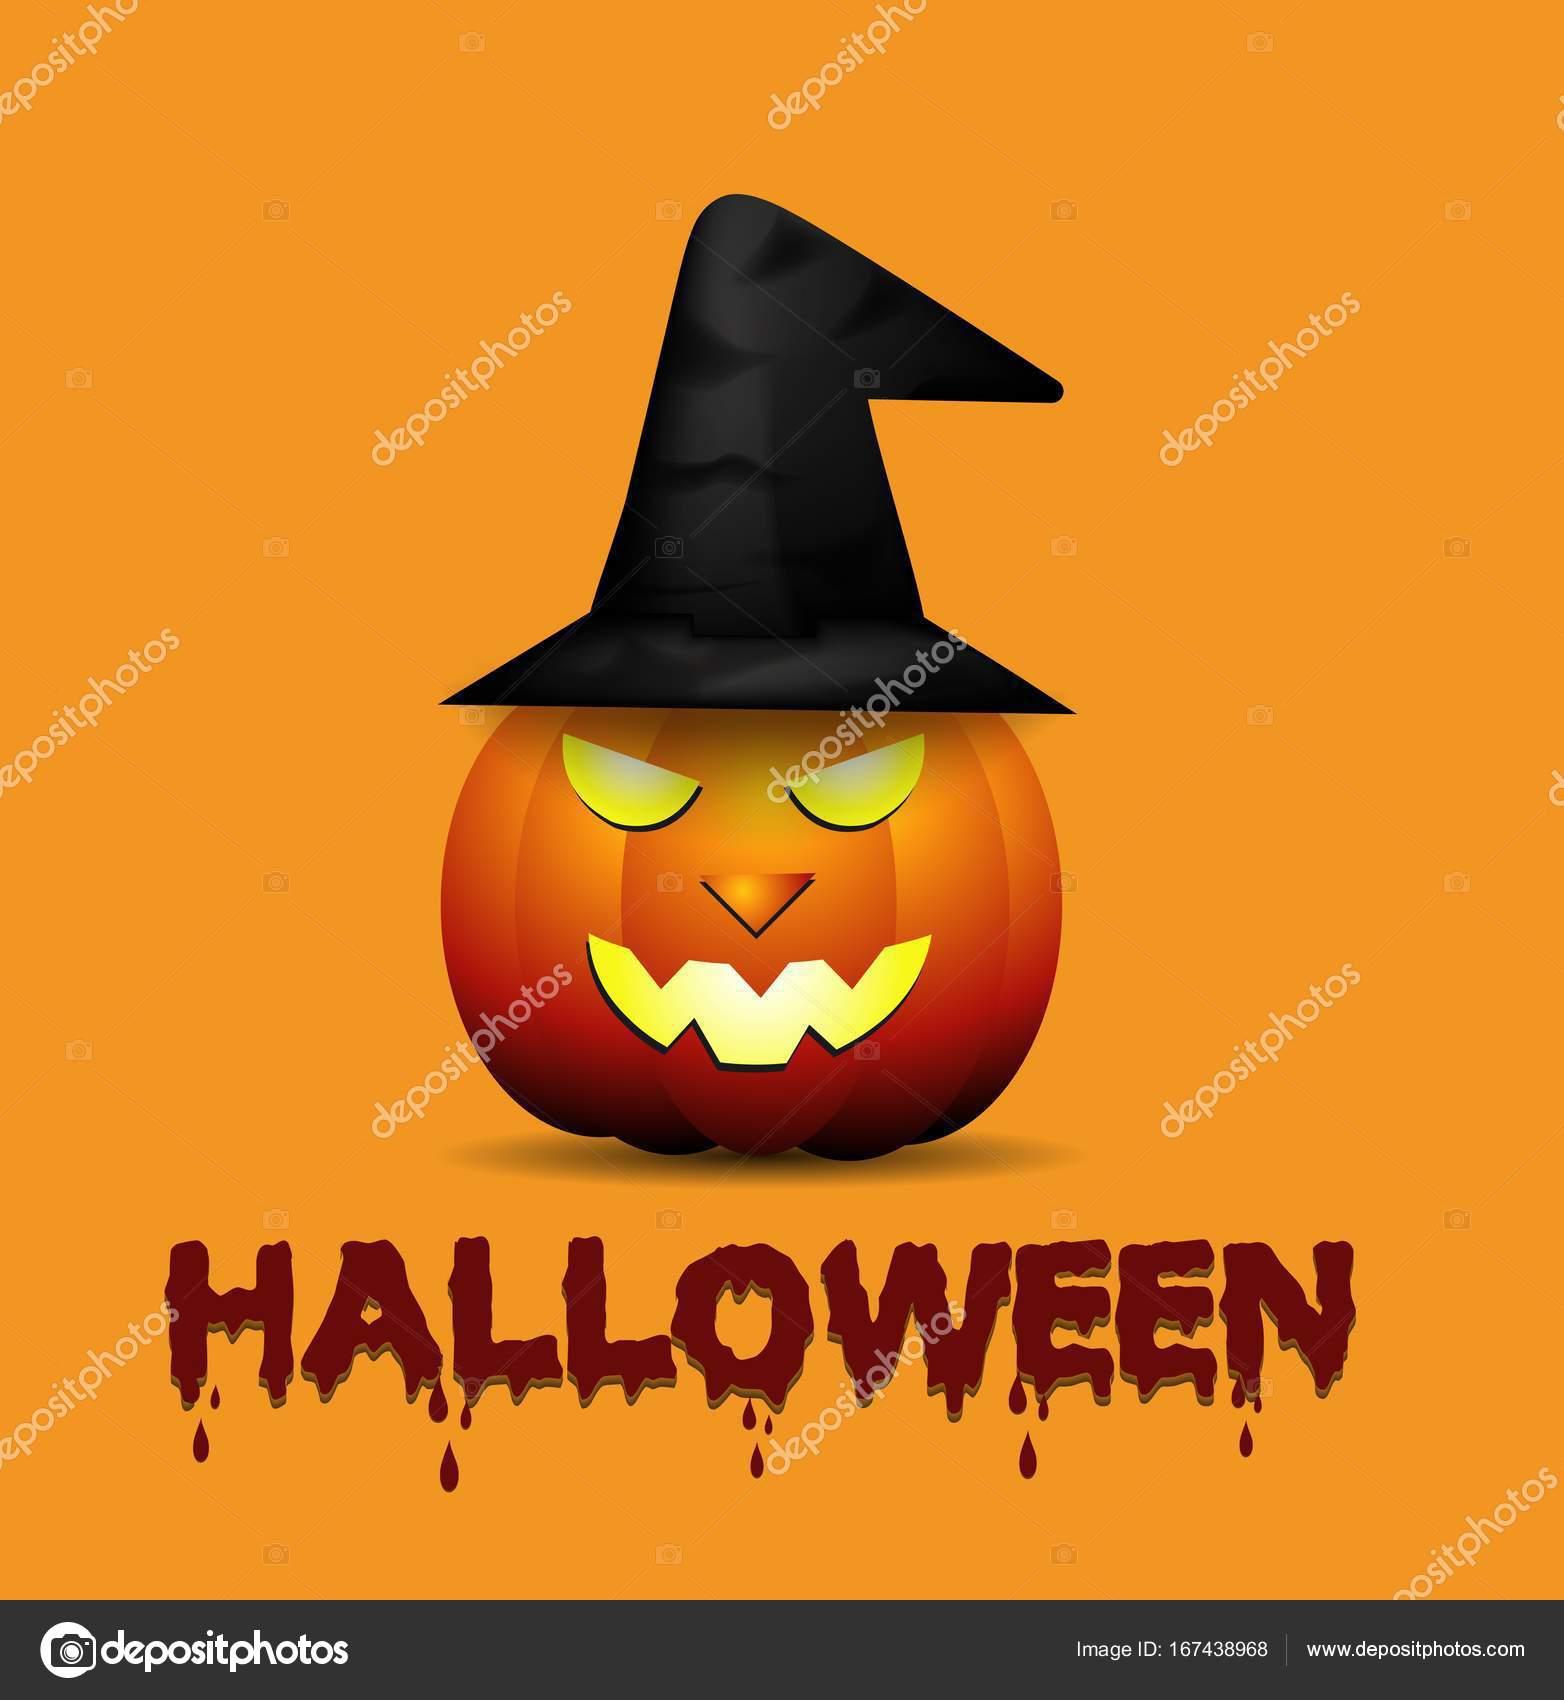 Dibujos animados Halloween calabaza con sombrero de bruja — Archivo  Imágenes Vectoriales a538da97553